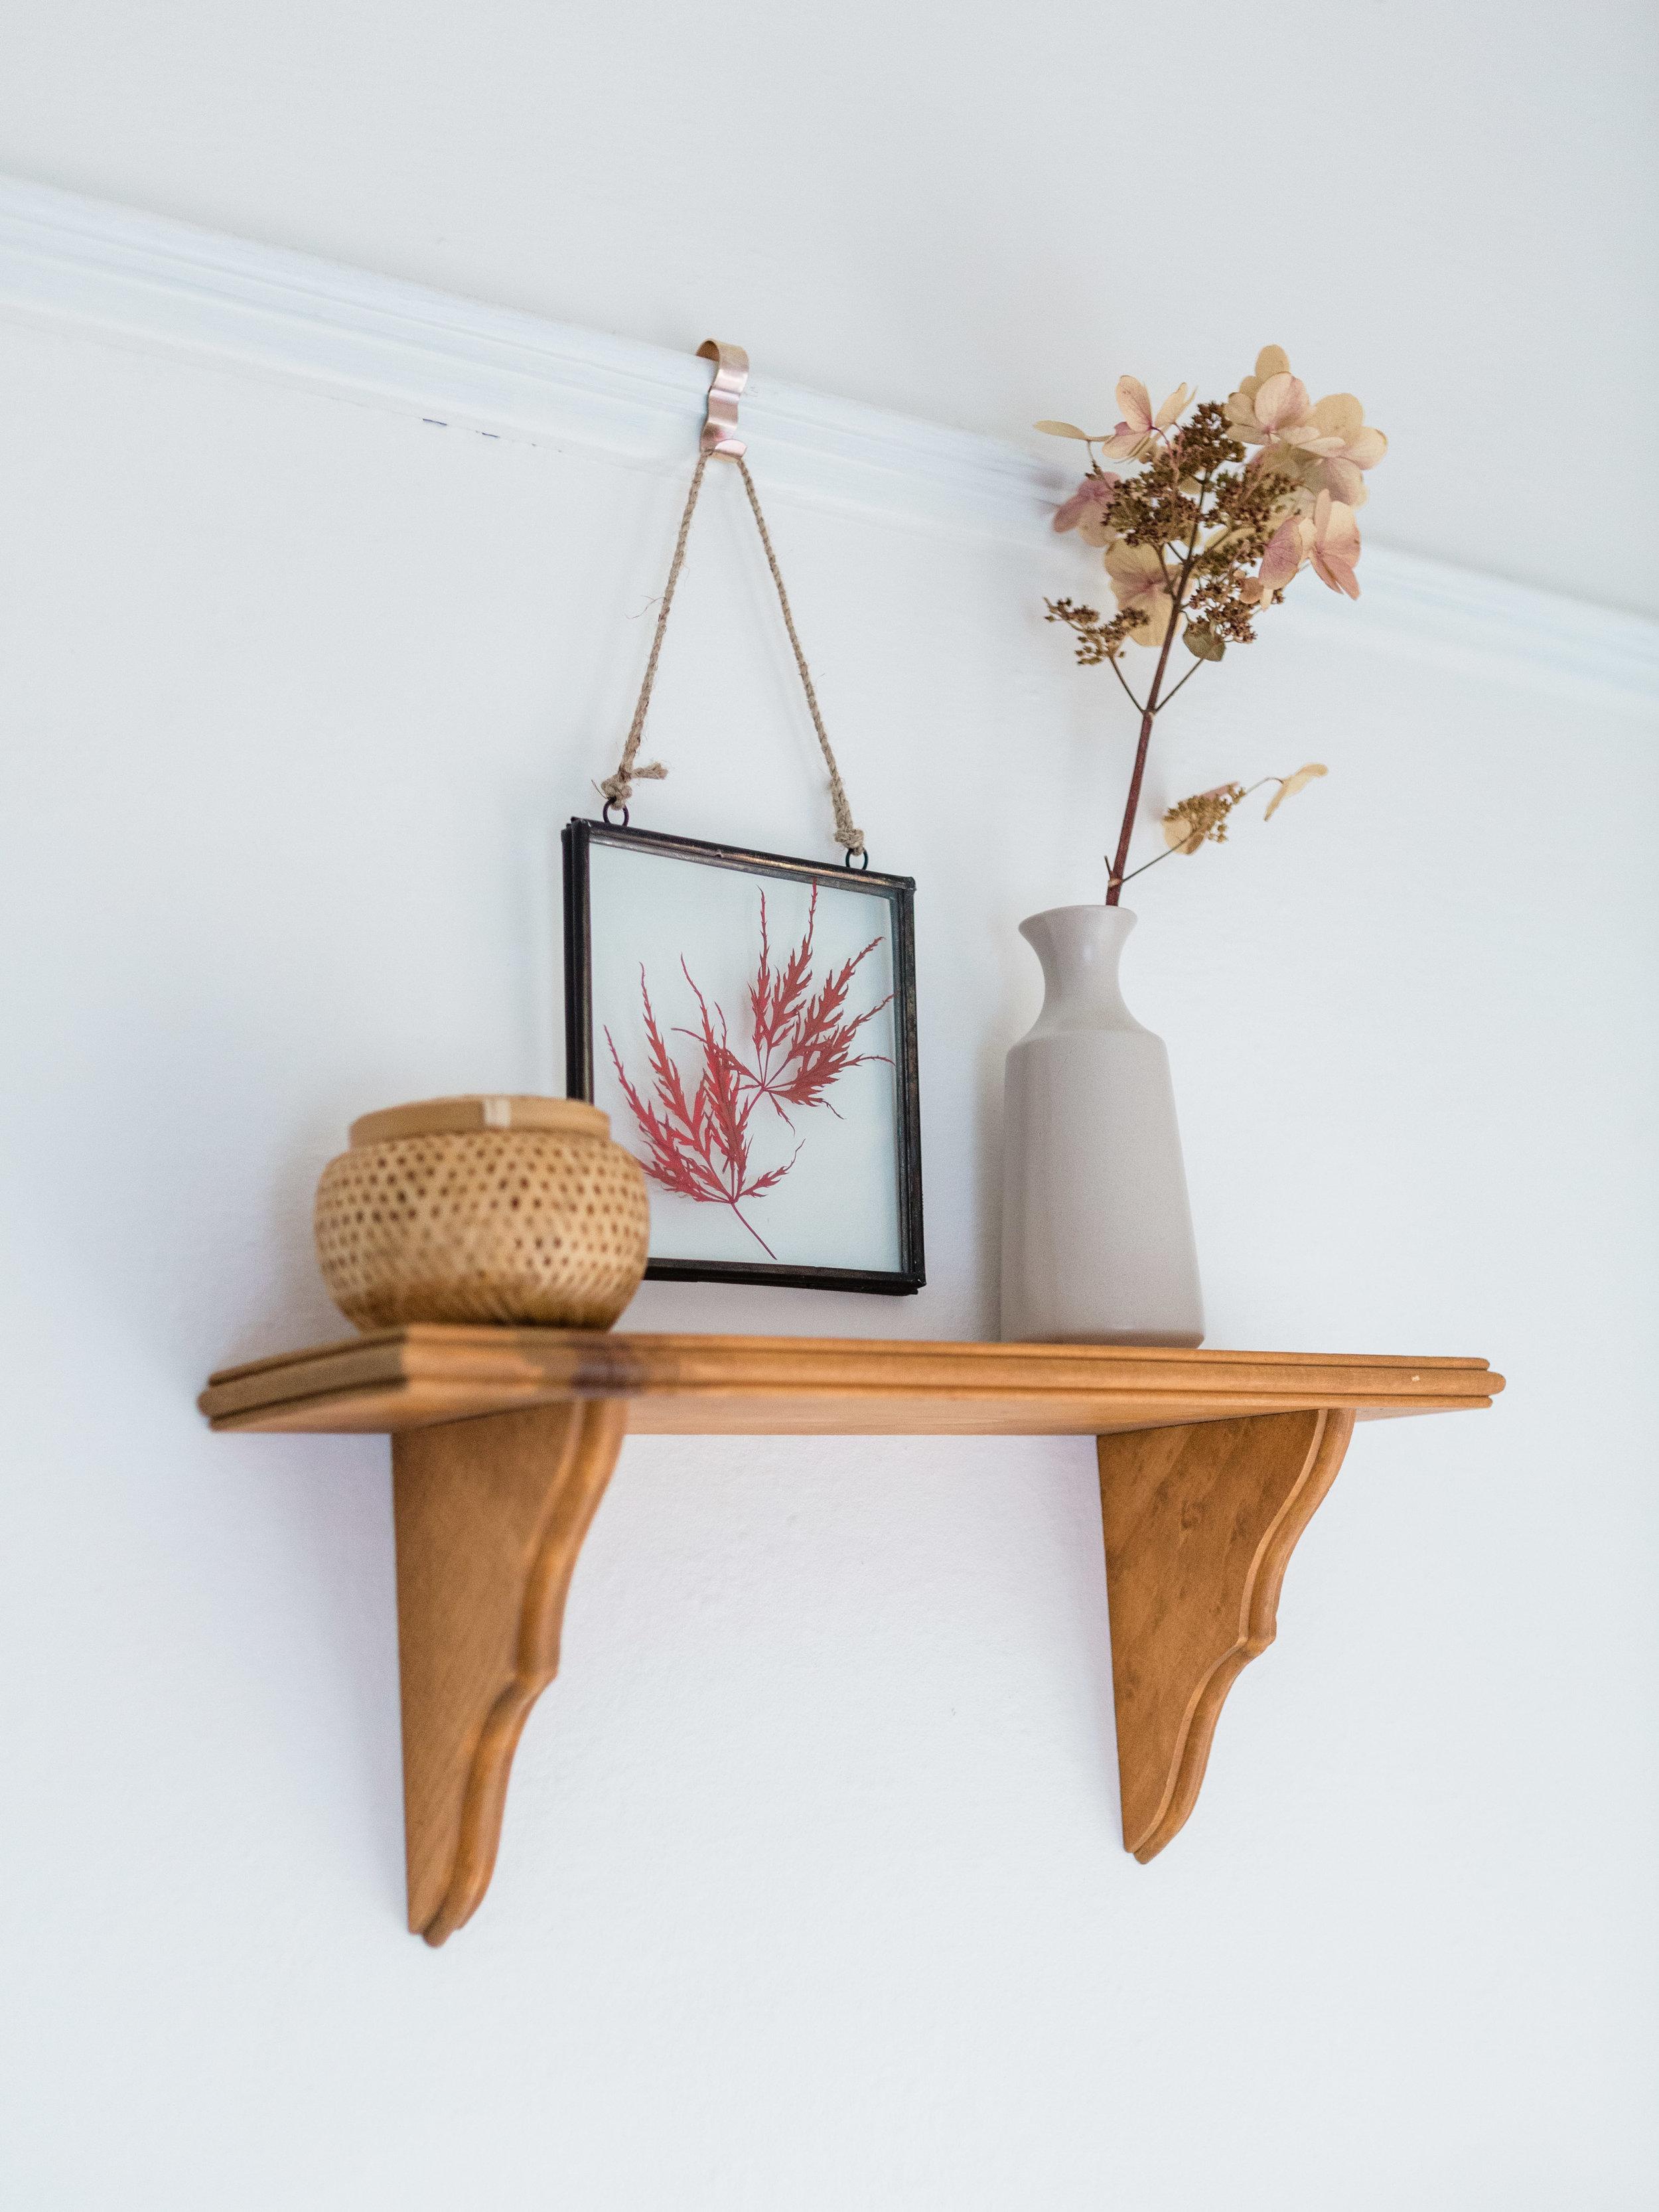 simple shelf decor ideas